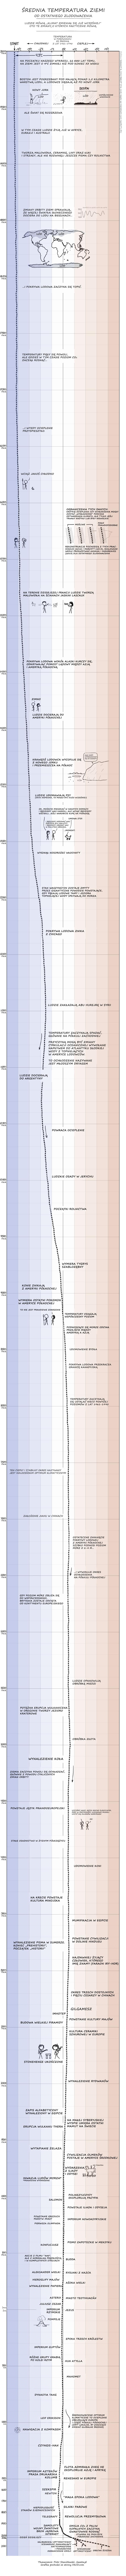 Jak zmieniał się klimat. Rys. xkcd.com